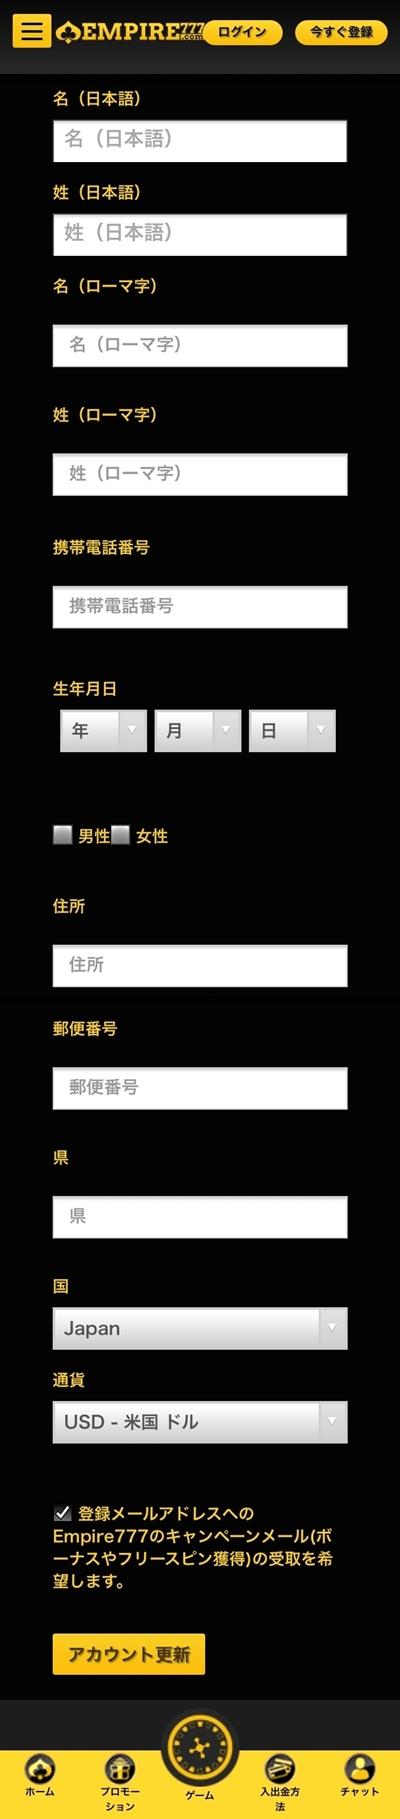 エンパイアカジノのアカウント登録画面2(スマホ)